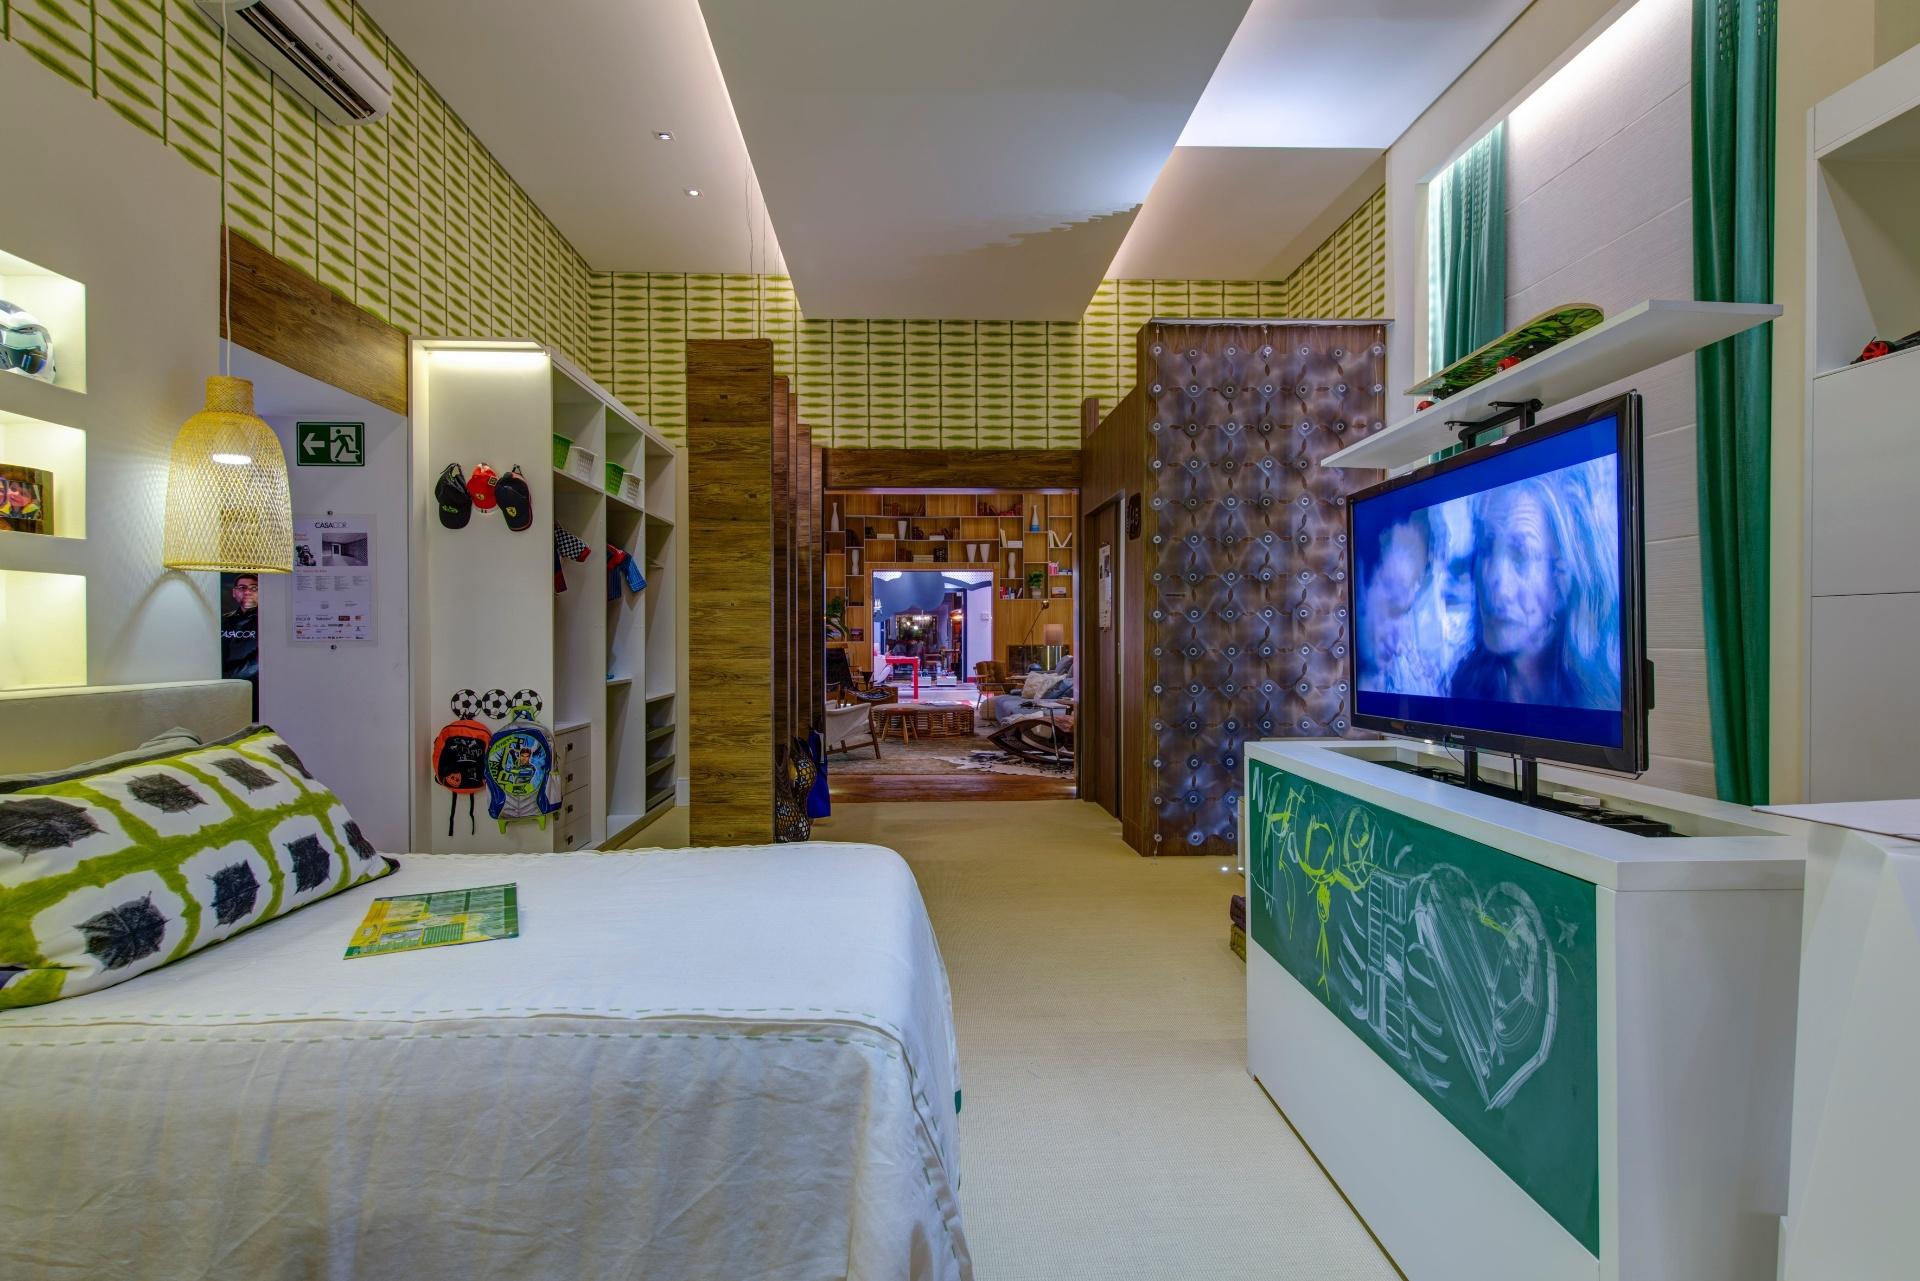 Confira sugestões para decorar o quarto de bebês e crianças BOL  #1D2D78 1920x1281